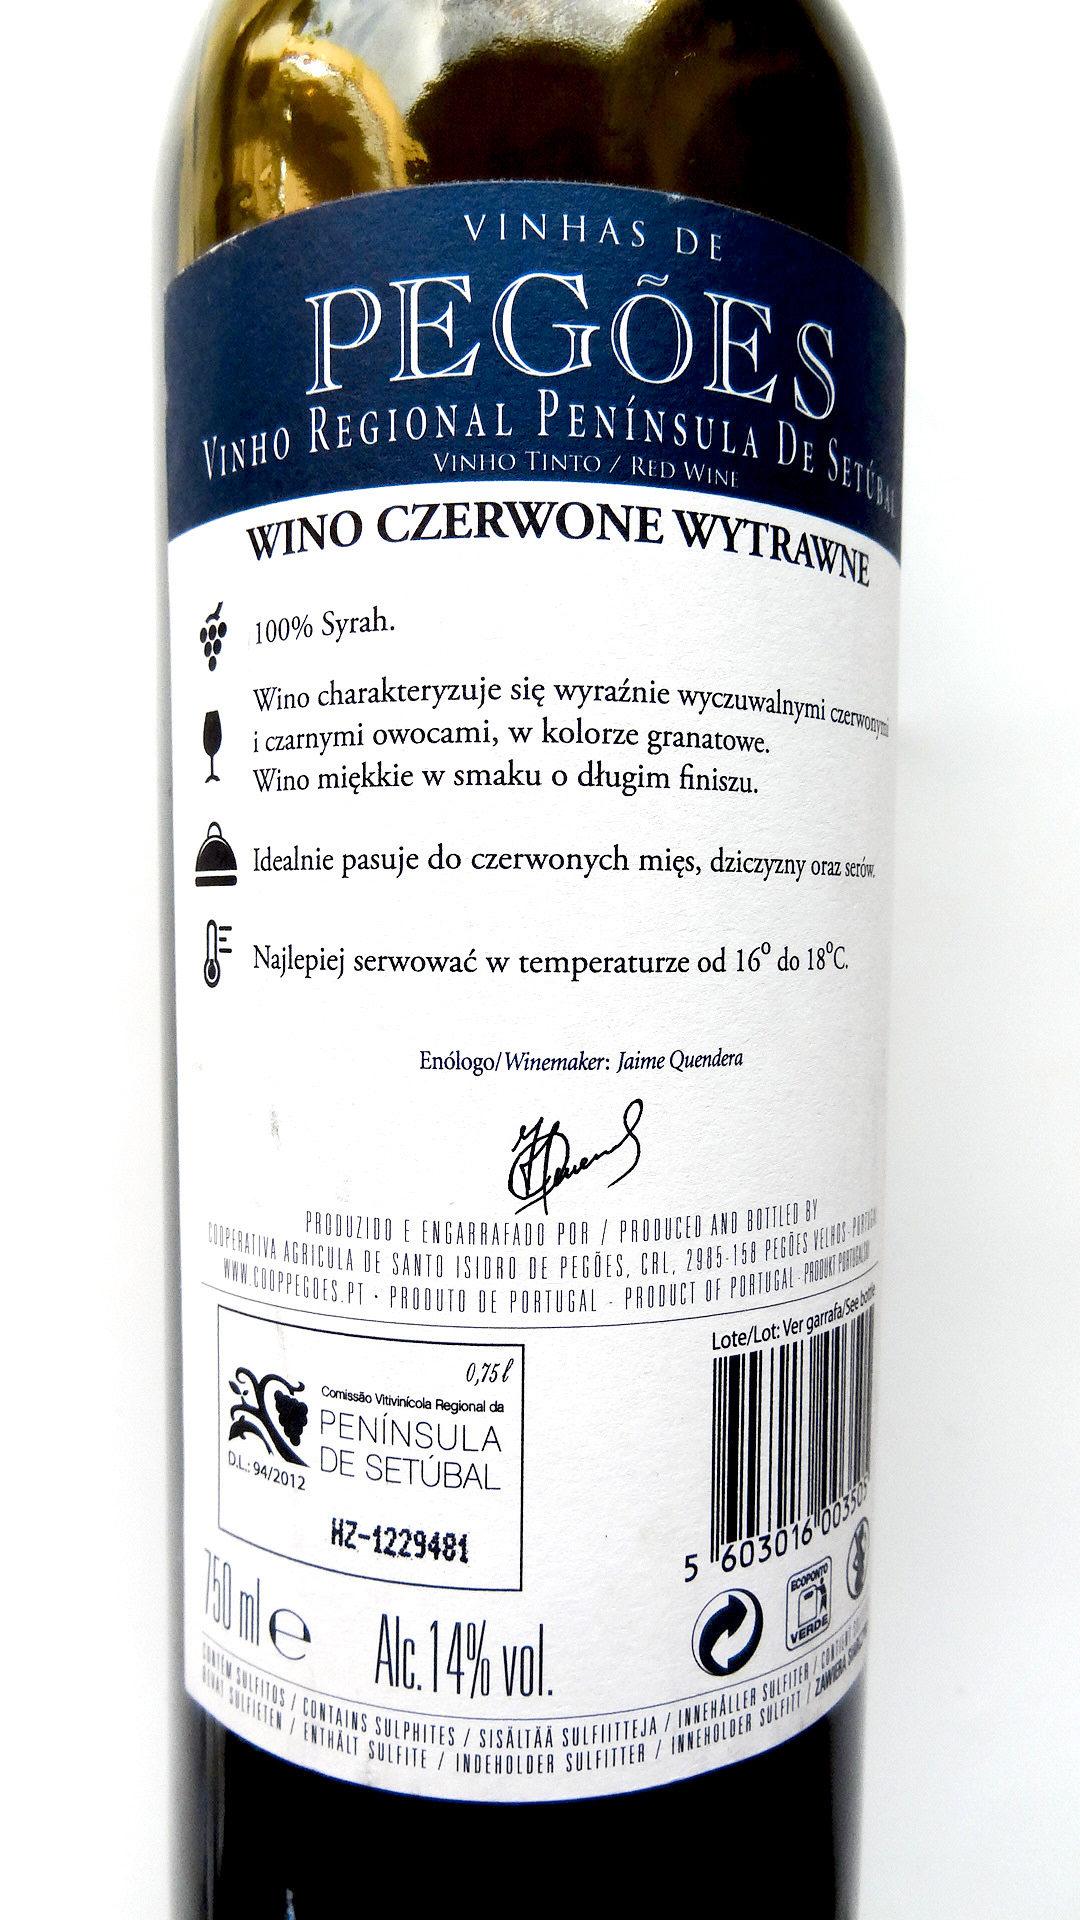 portugalskie wino czerwone wytrawne pegoes syrah shiraz wine angellovesdreams (5)